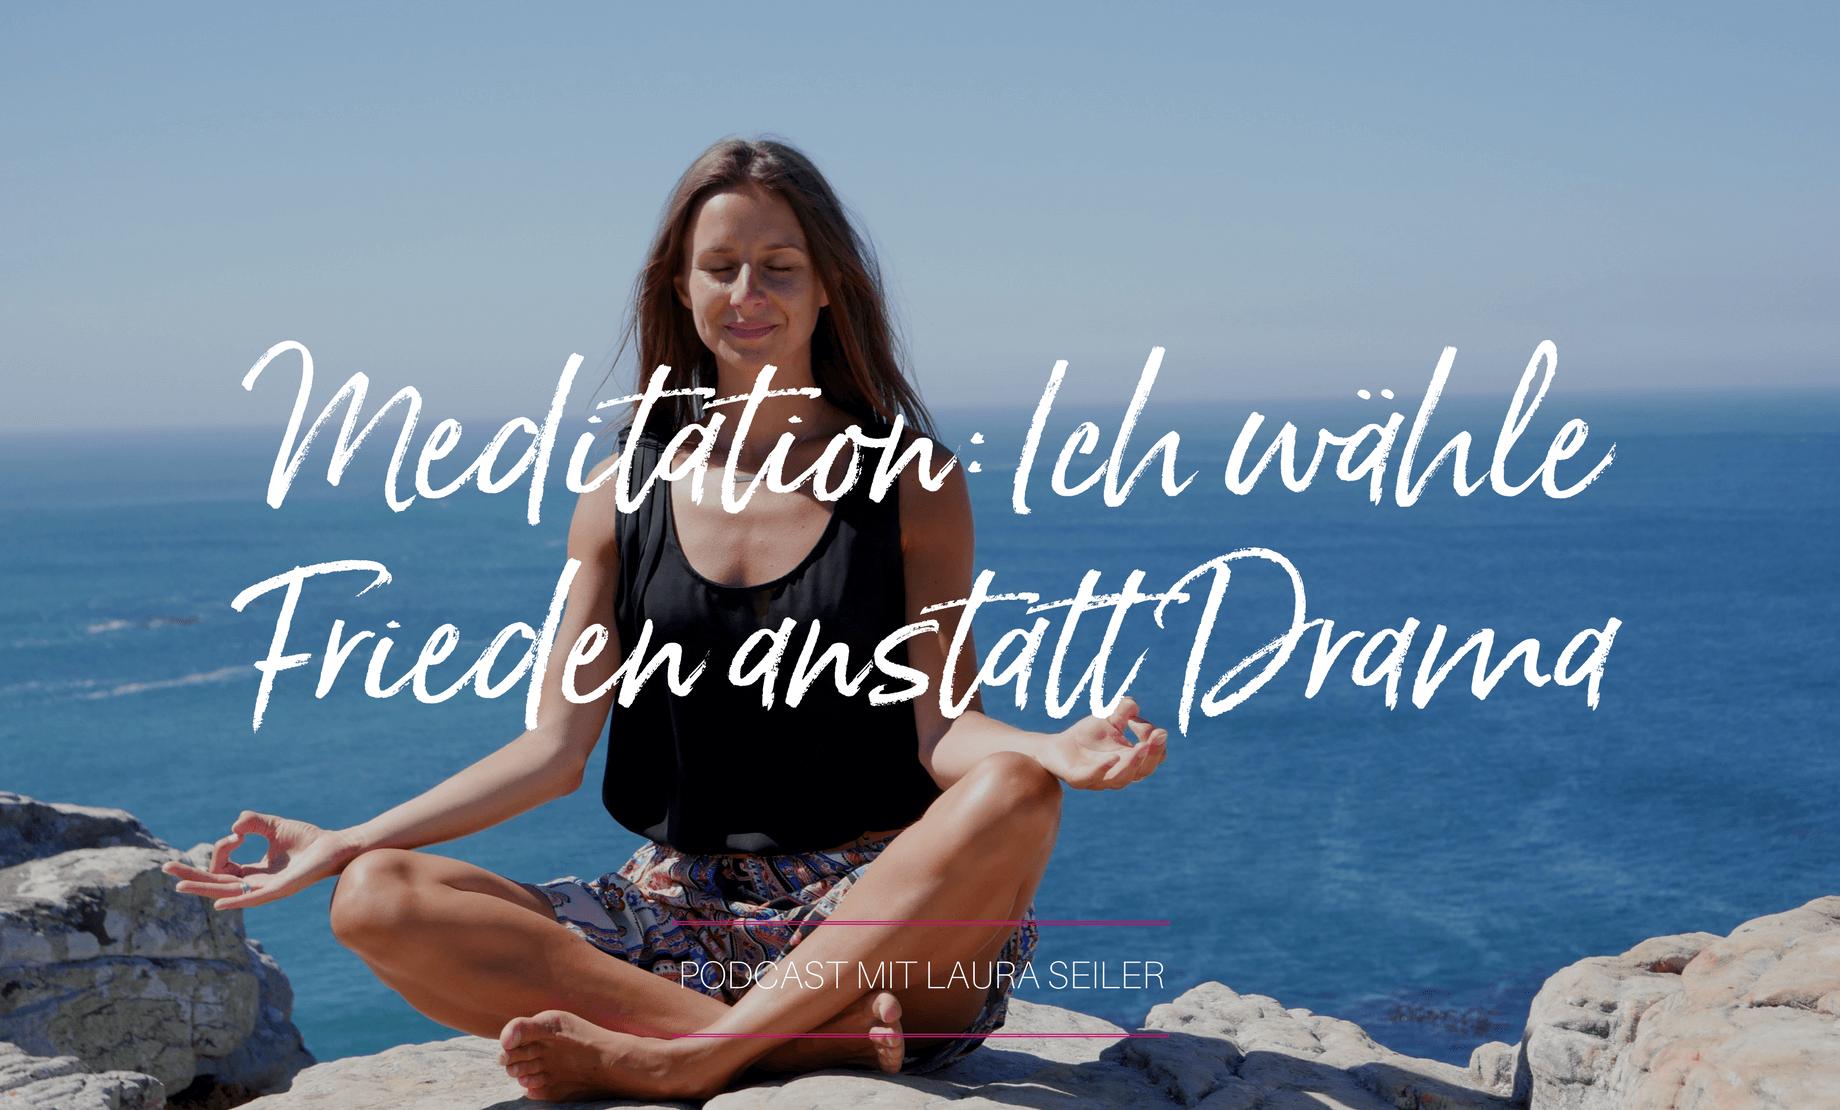 093 Podcast No More Drama Meditation Für Inneren Frieden